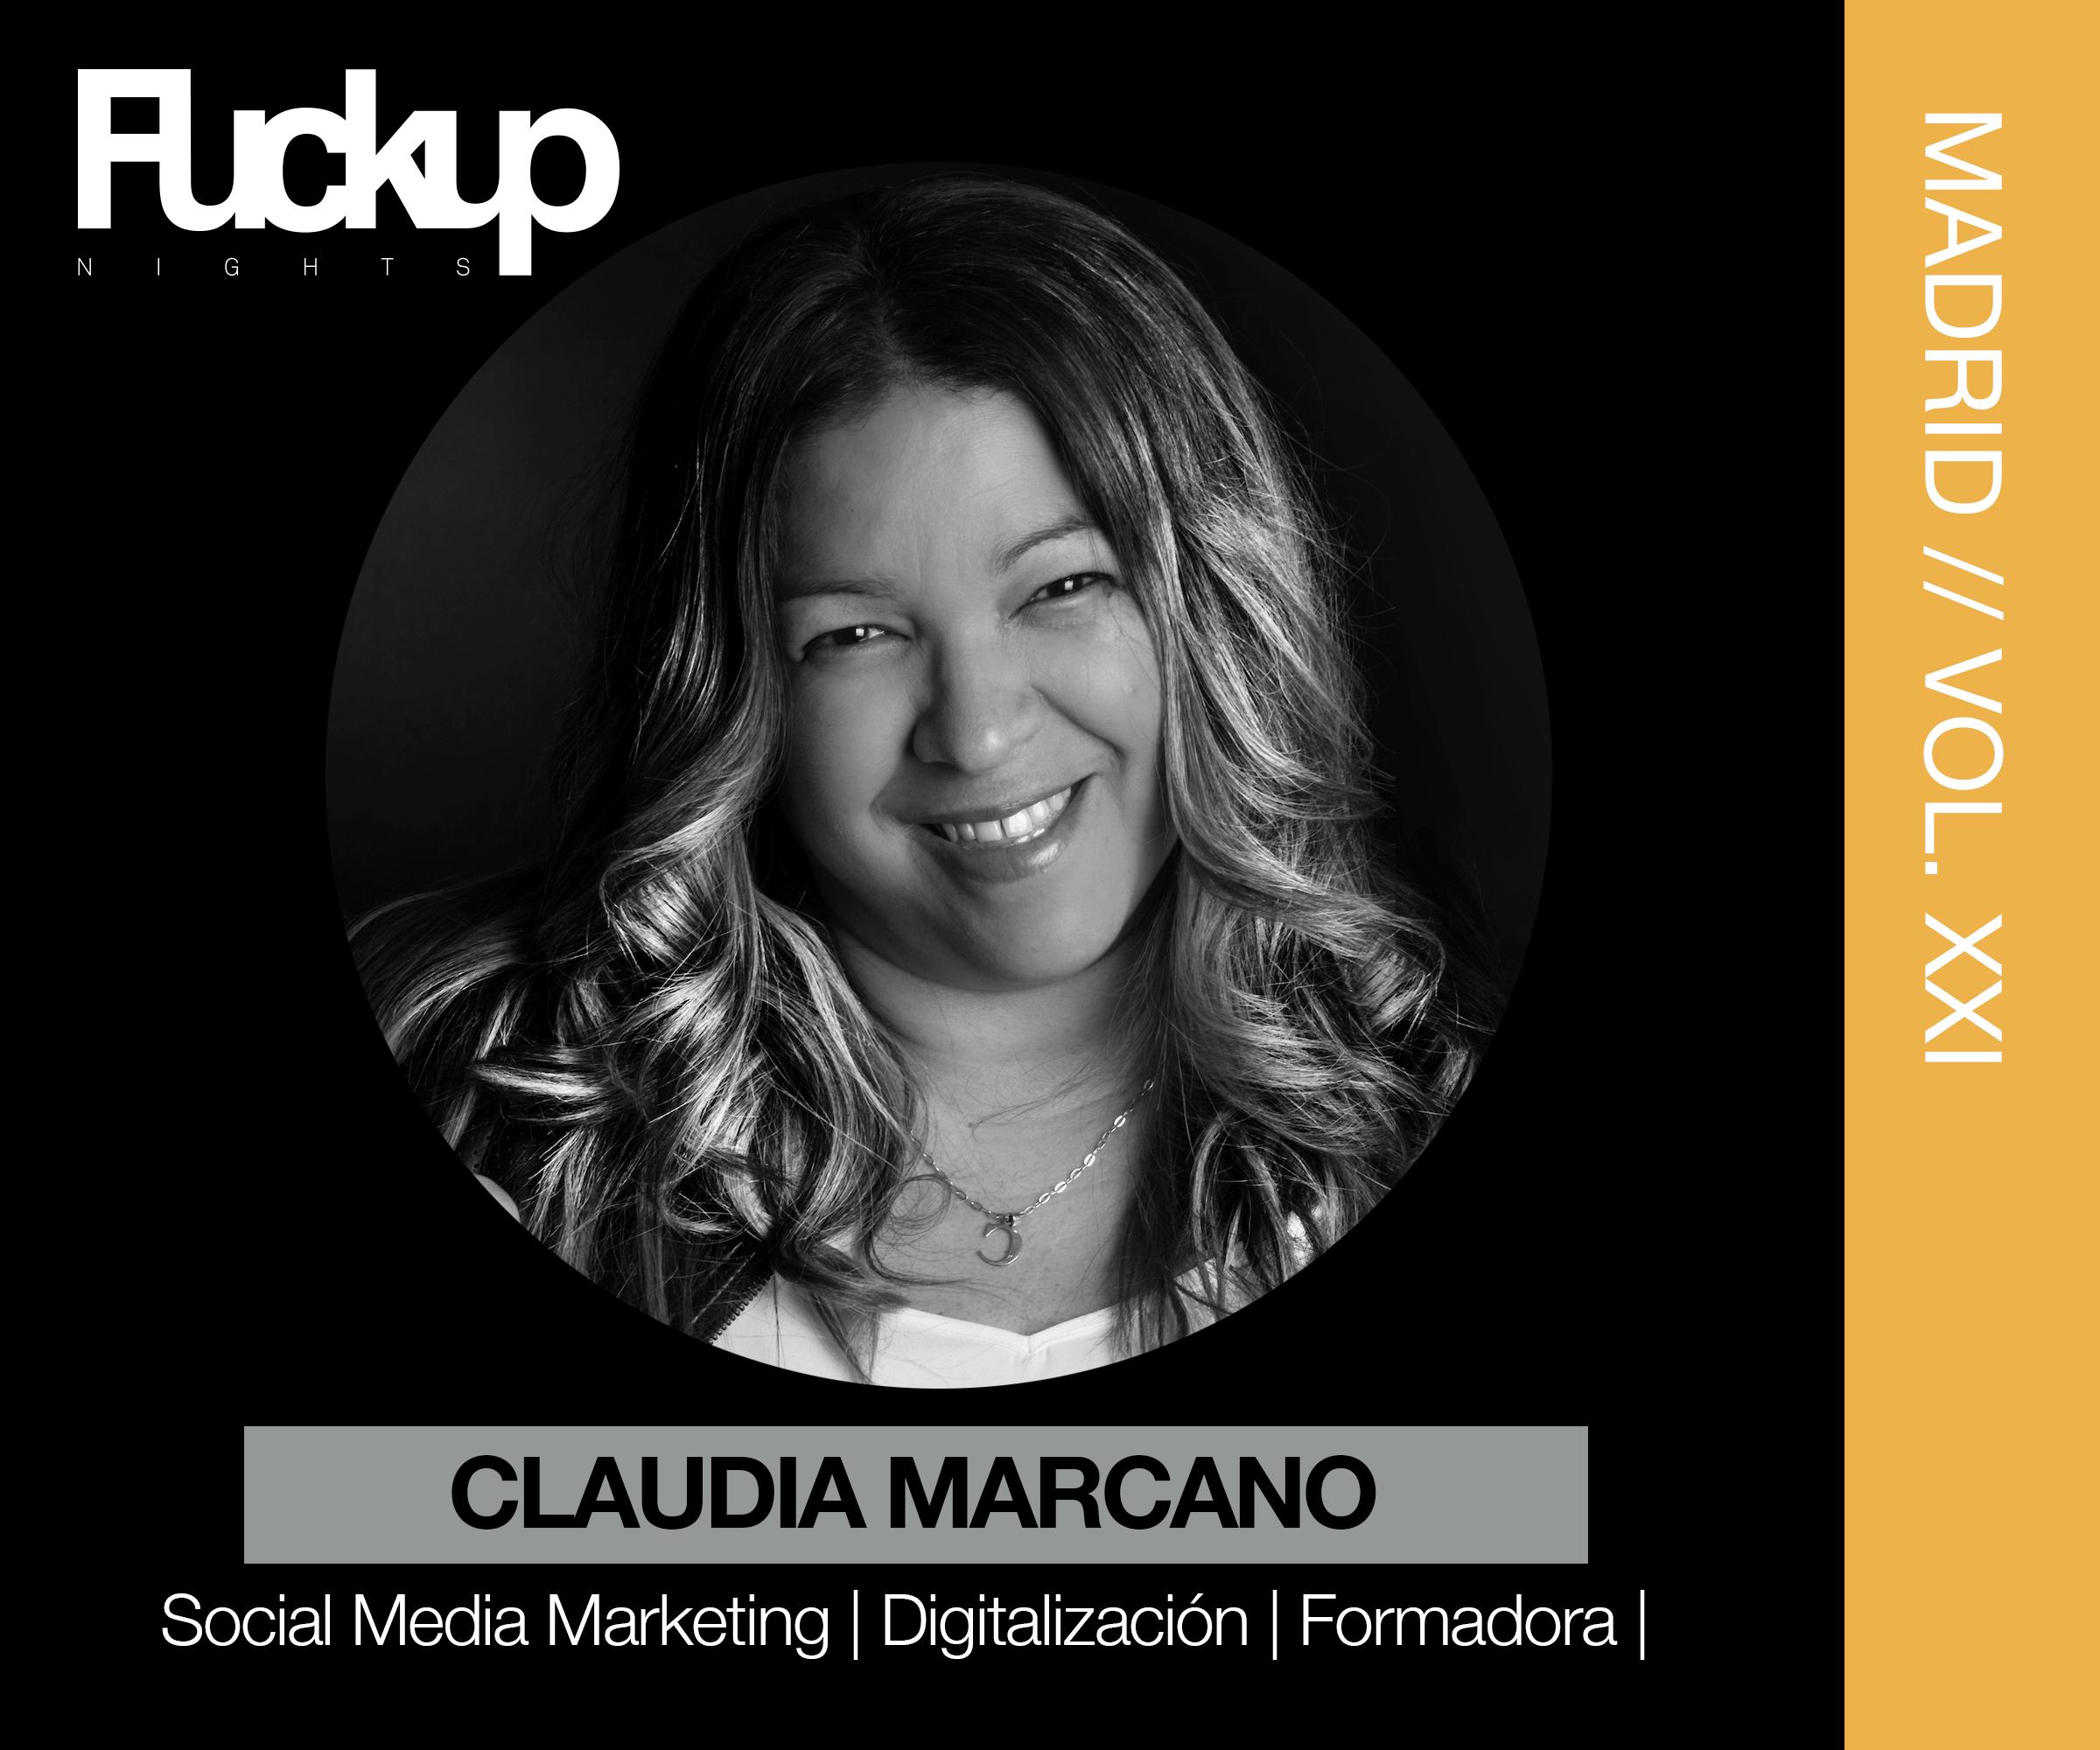 Claudia-Marcano-Fuckup